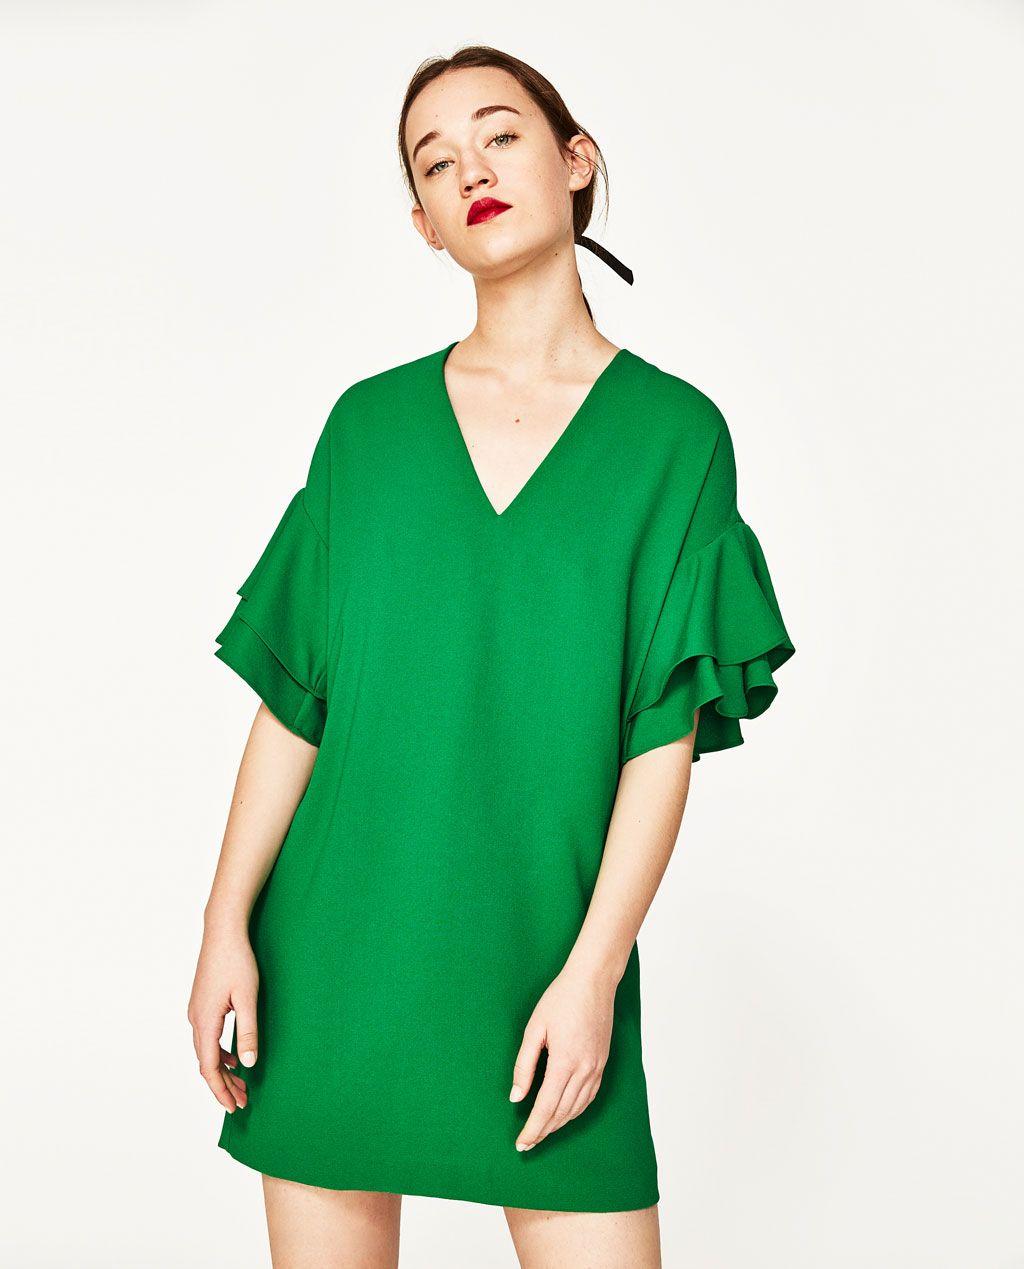 groene jurk zara